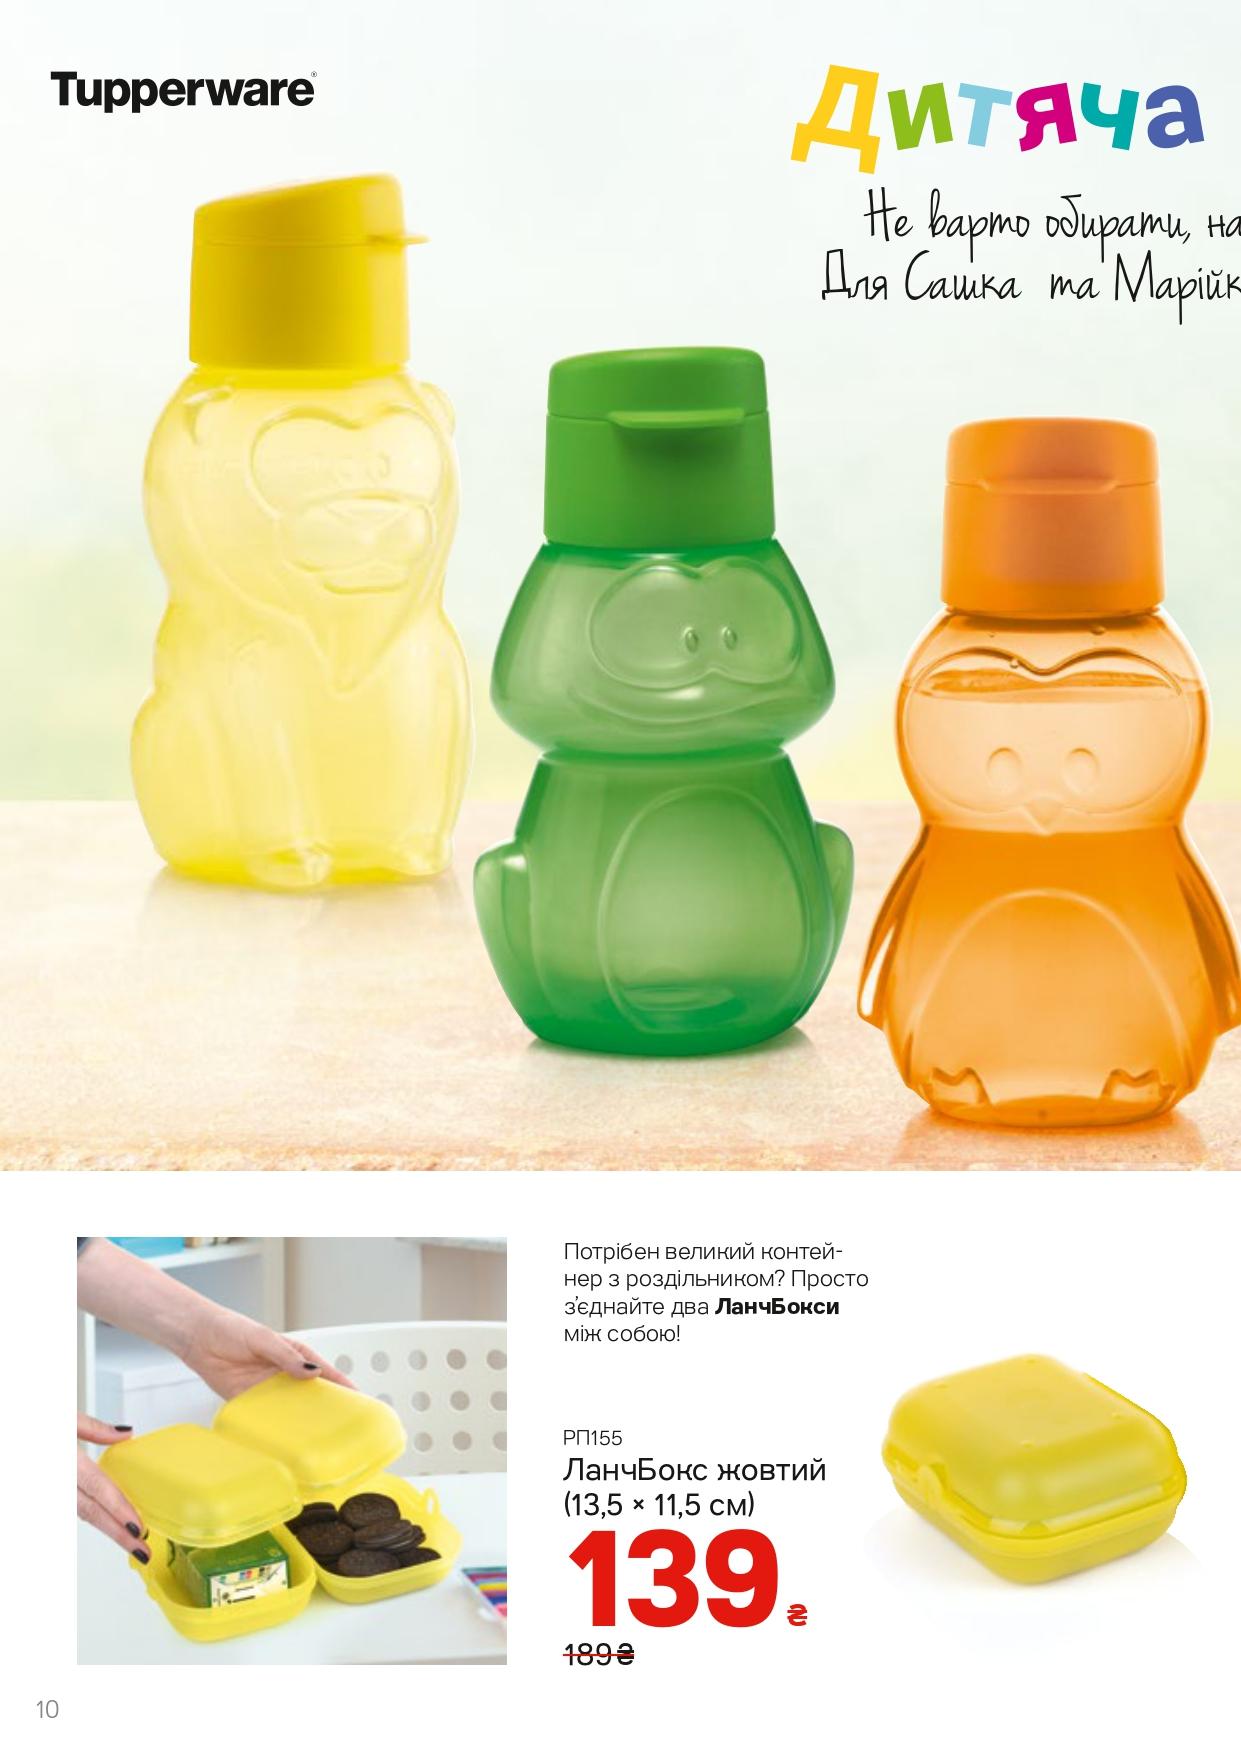 Детские эко бутылки различных форм и объемов.